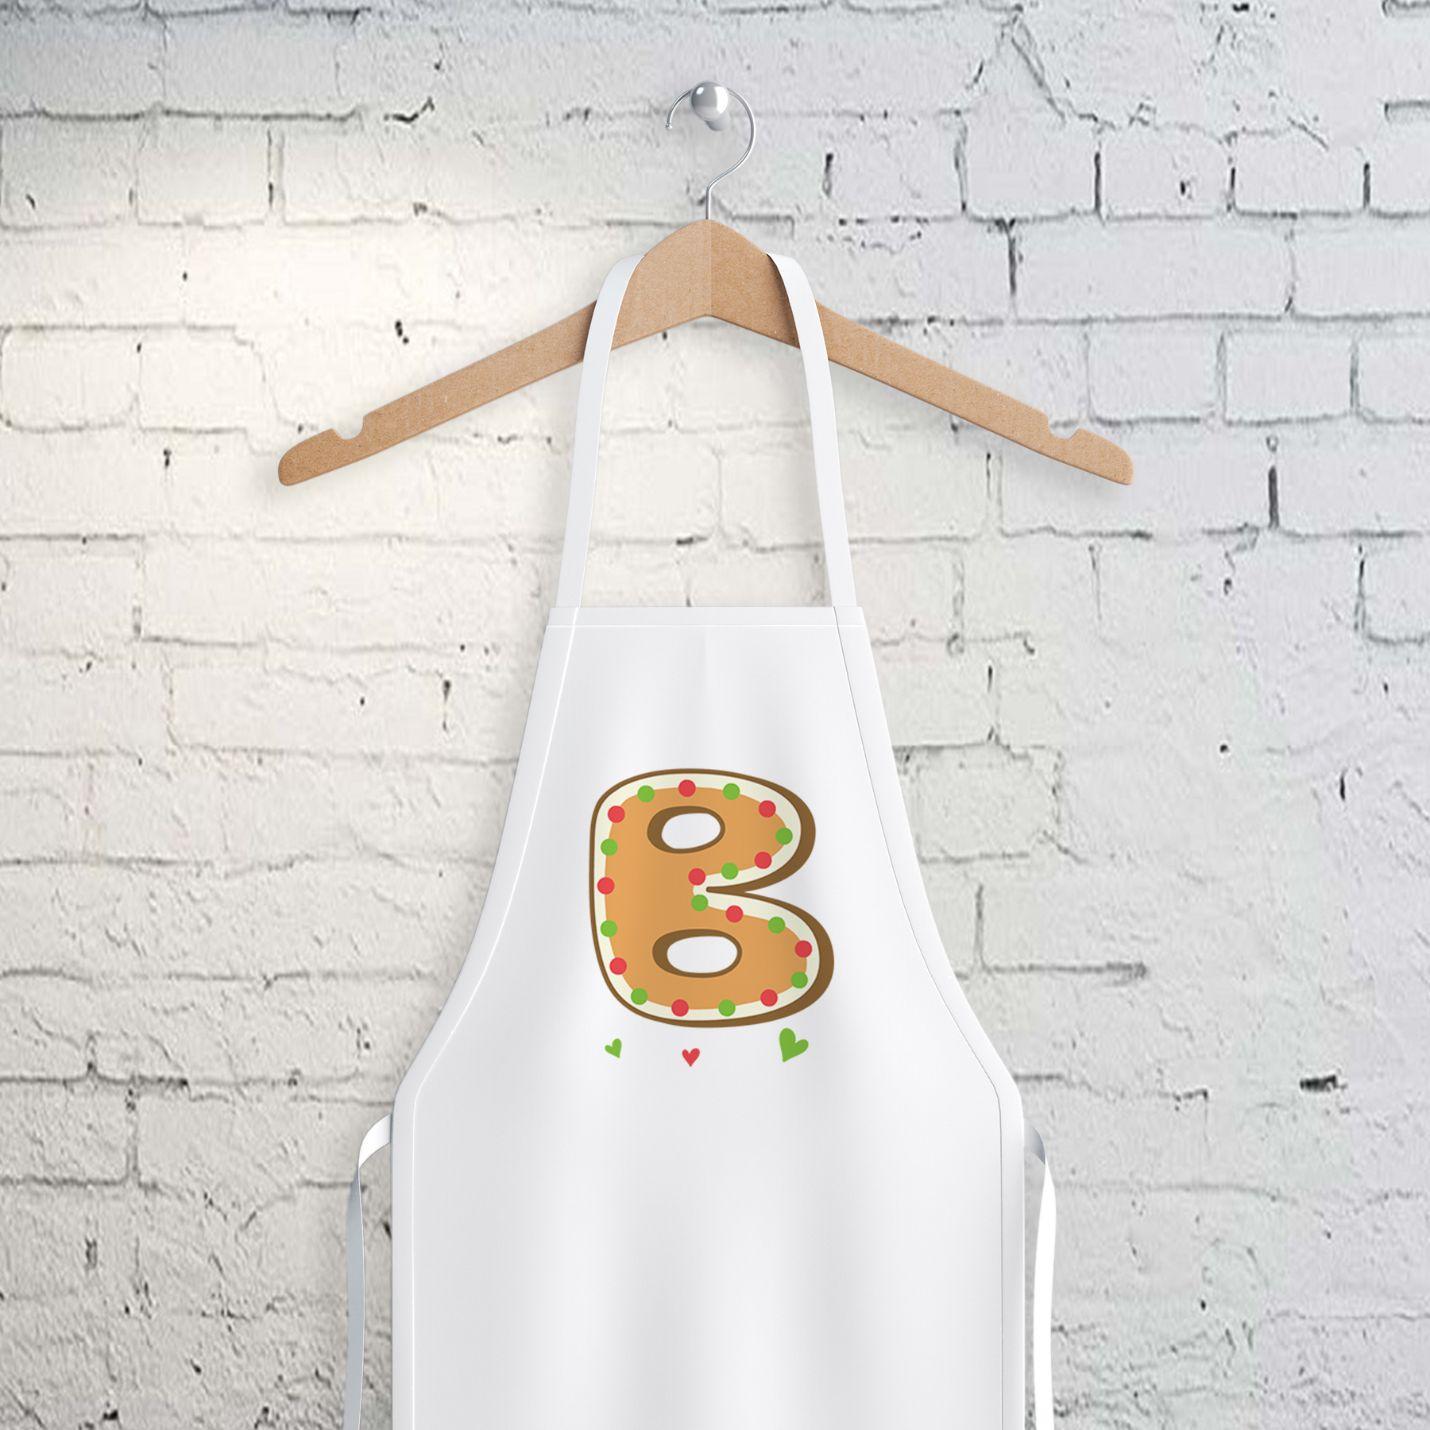 B Harfi Tasarımlı Mutfak Önlüğü